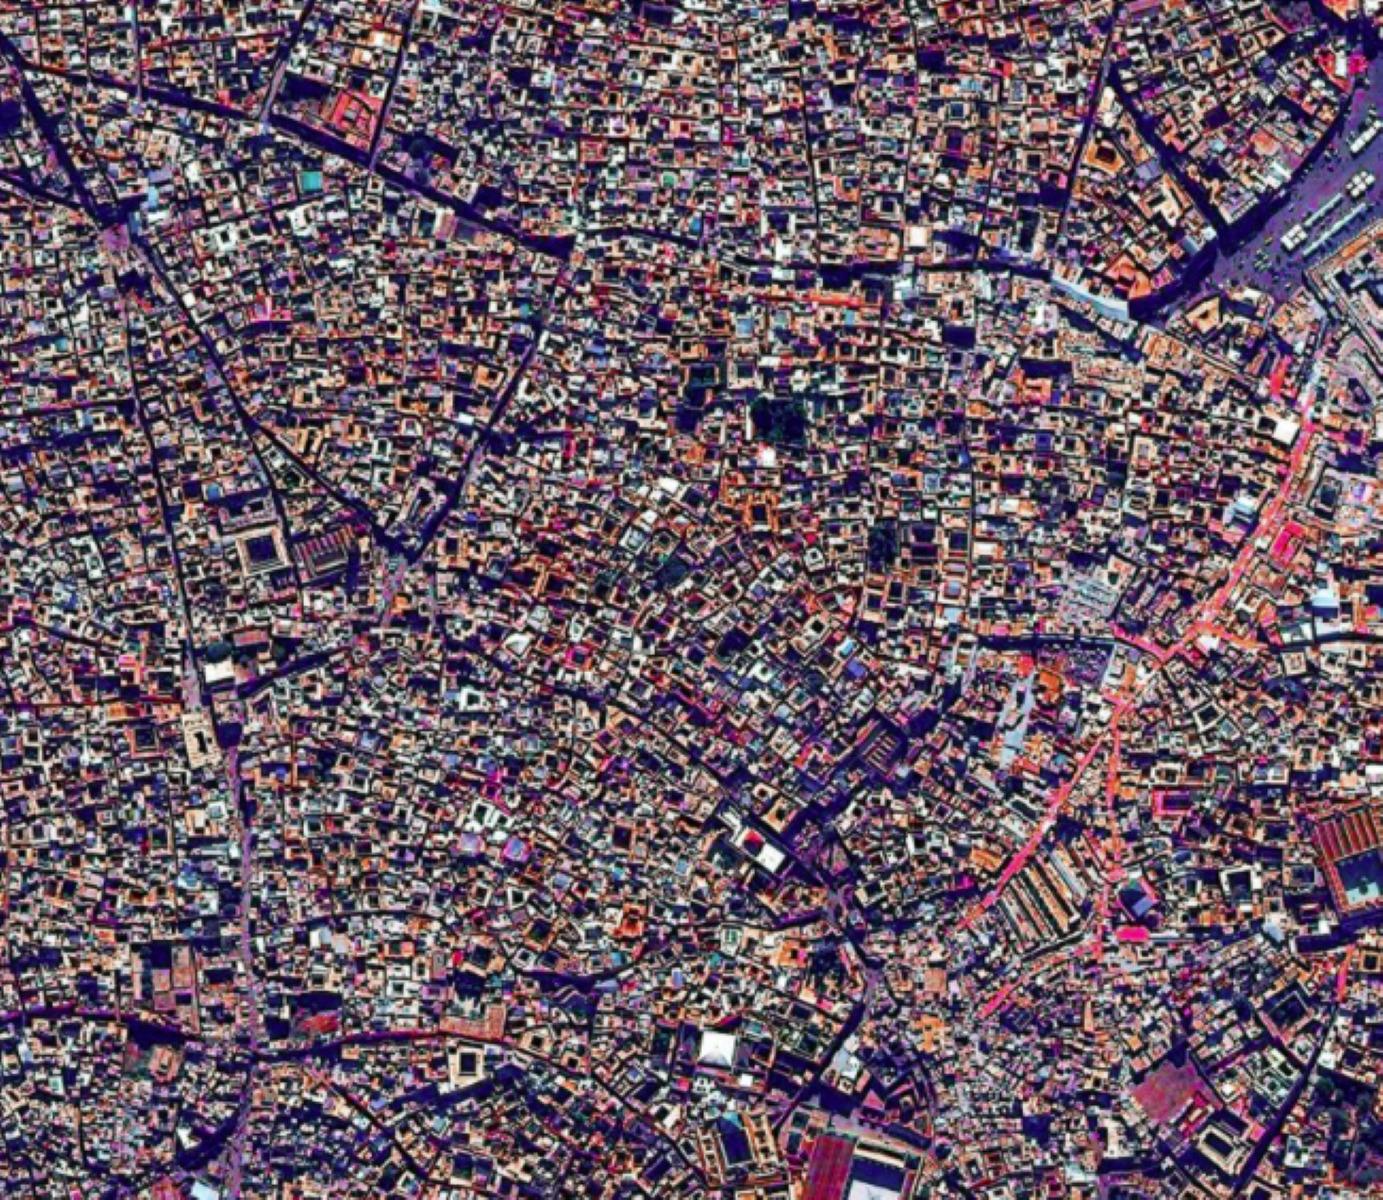 """Aεροφωτογραφίες Μνημείων Παγκόσμιας Κληρονομιάς της UNESCO που """"κόβουν"""" την ανάσα"""